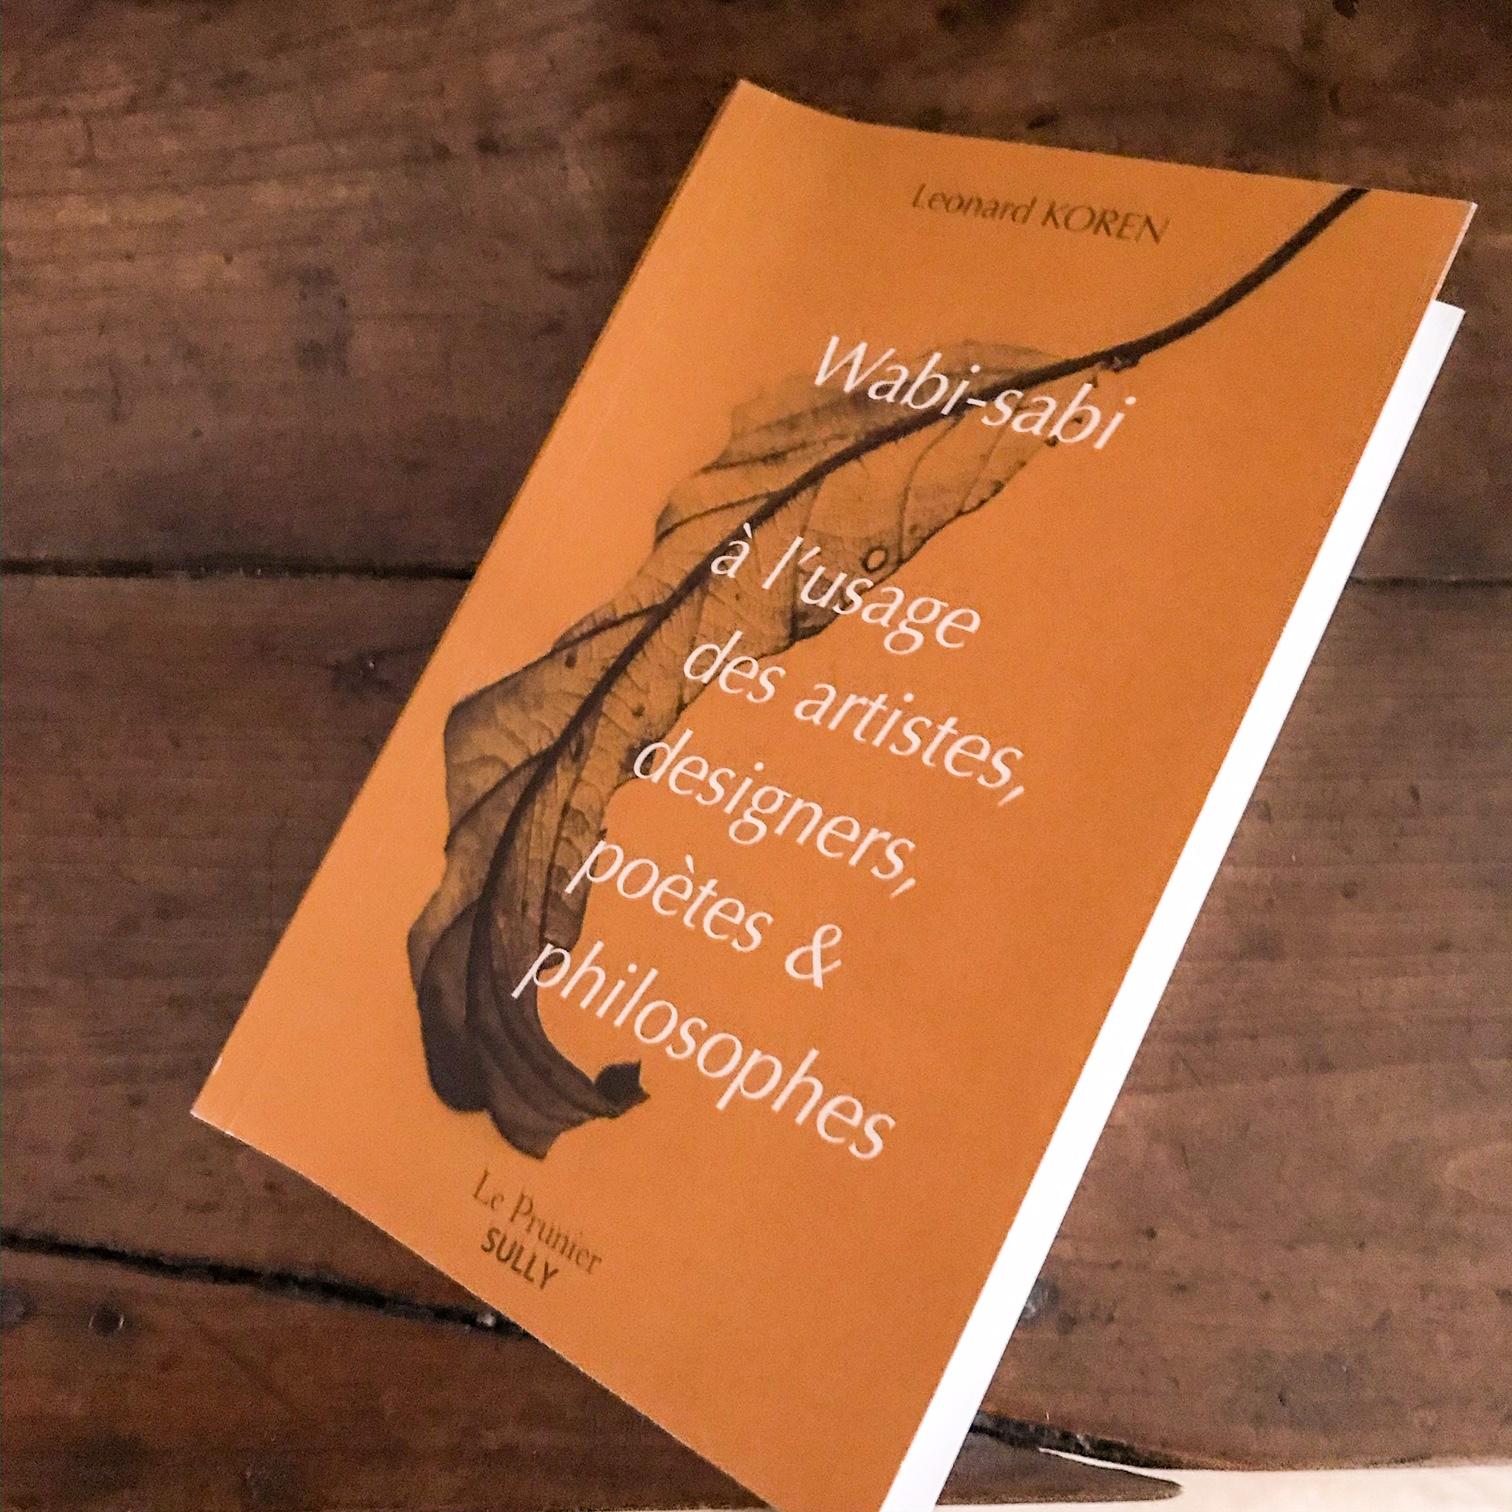 Wabi-sabi à l'usage des artistes, designers, poètes et philosophes de Leonard Koren : la beauté de l'imparfait